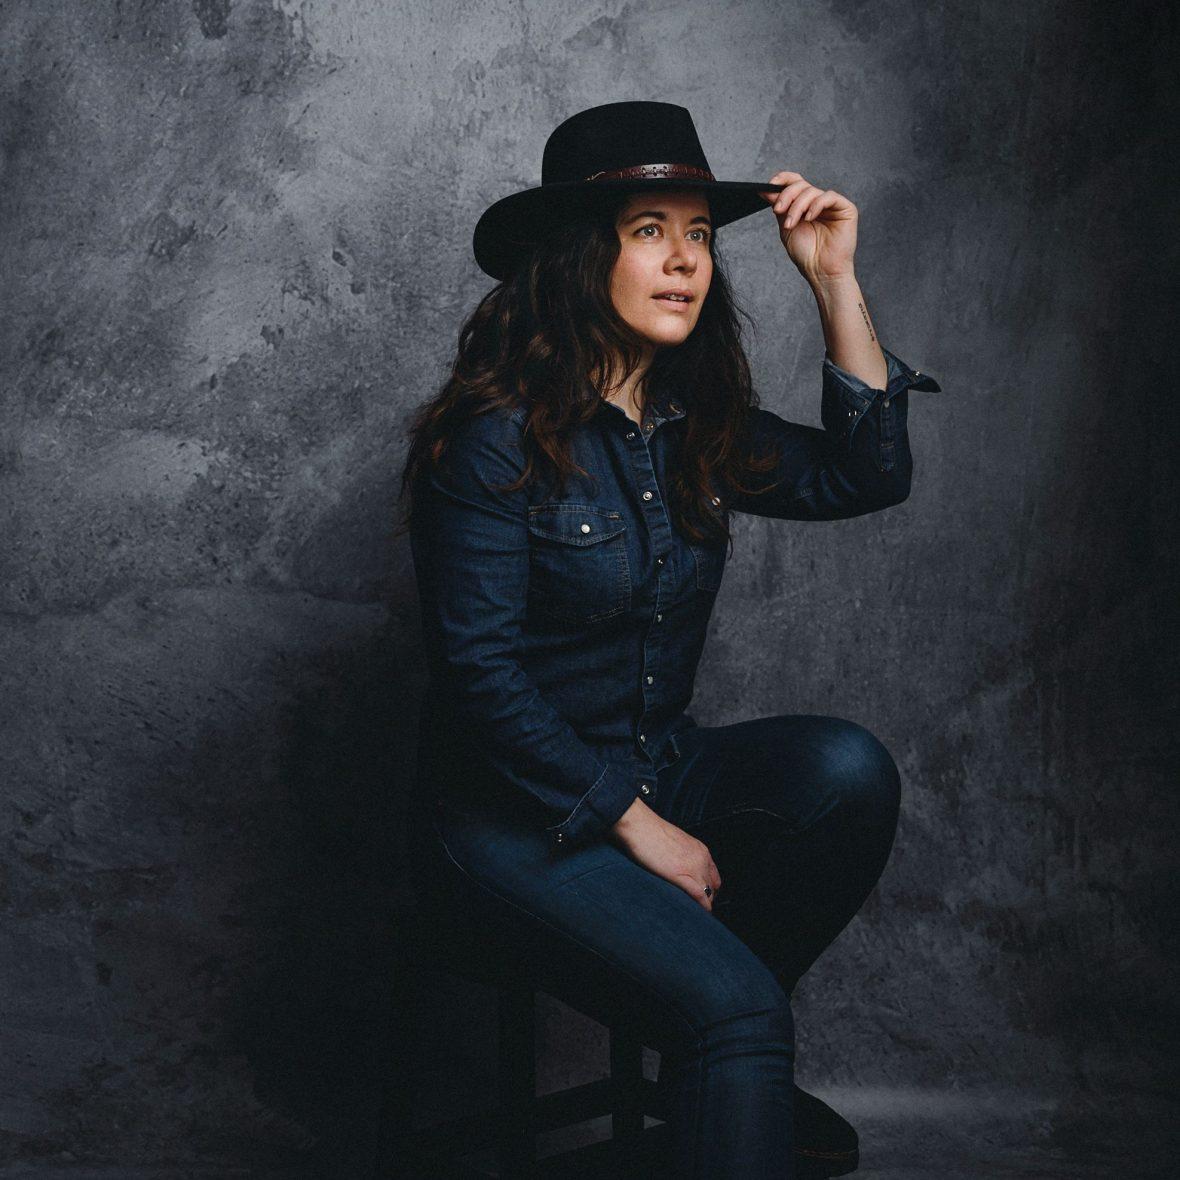 autoportrait MilenaP métier Photographe Portraitiste Paris chapeau